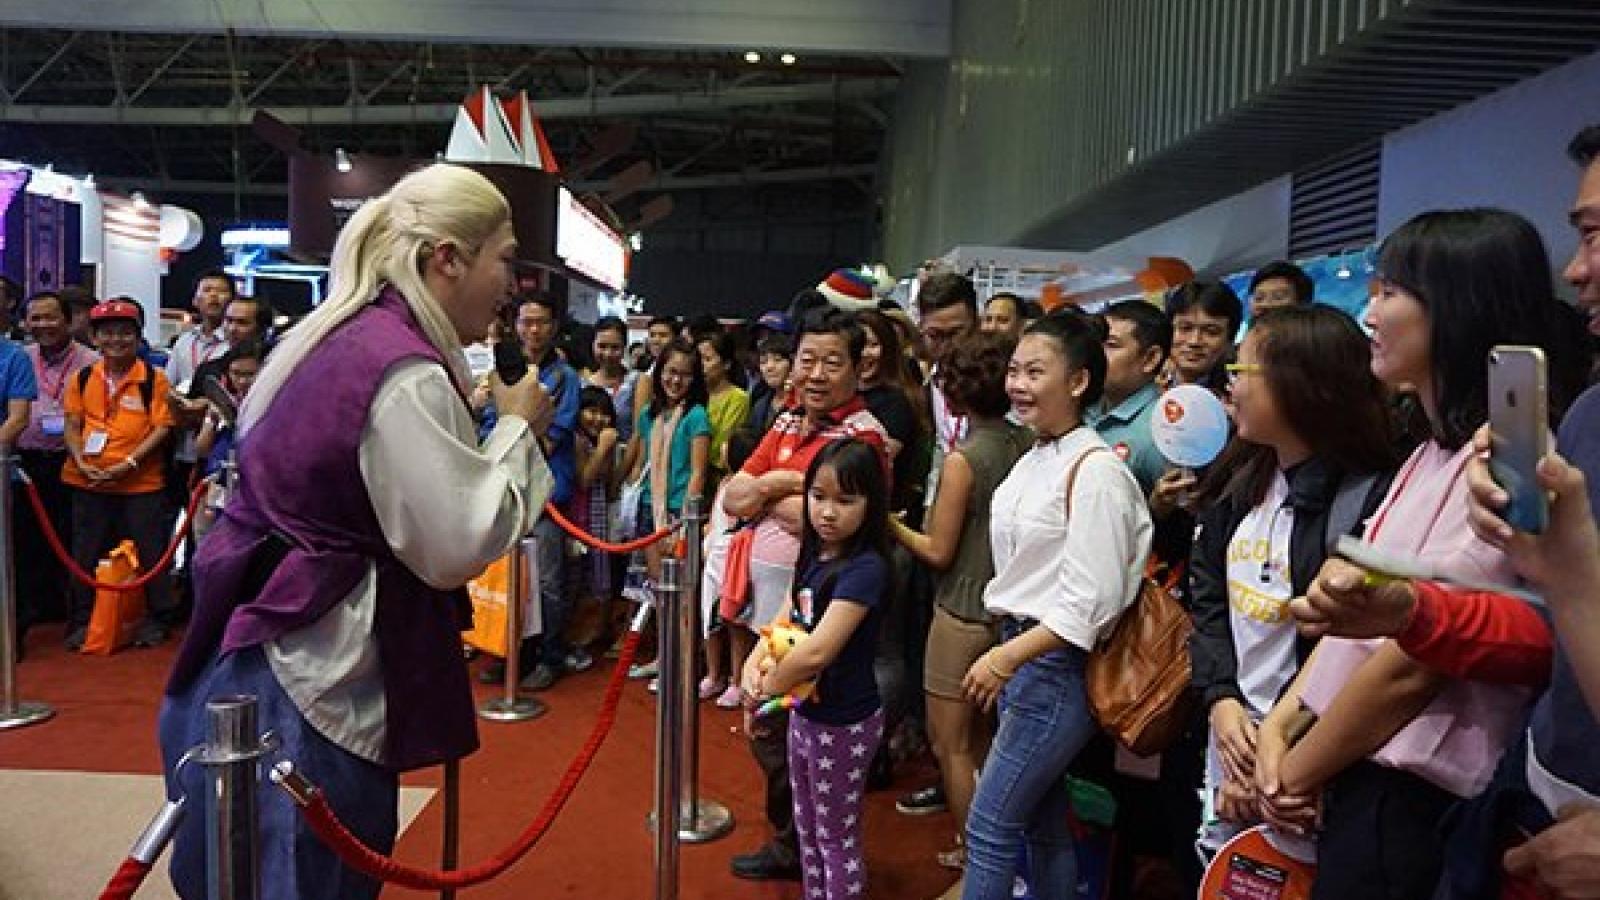 ROK to issue e-visas for Vietnam tourists